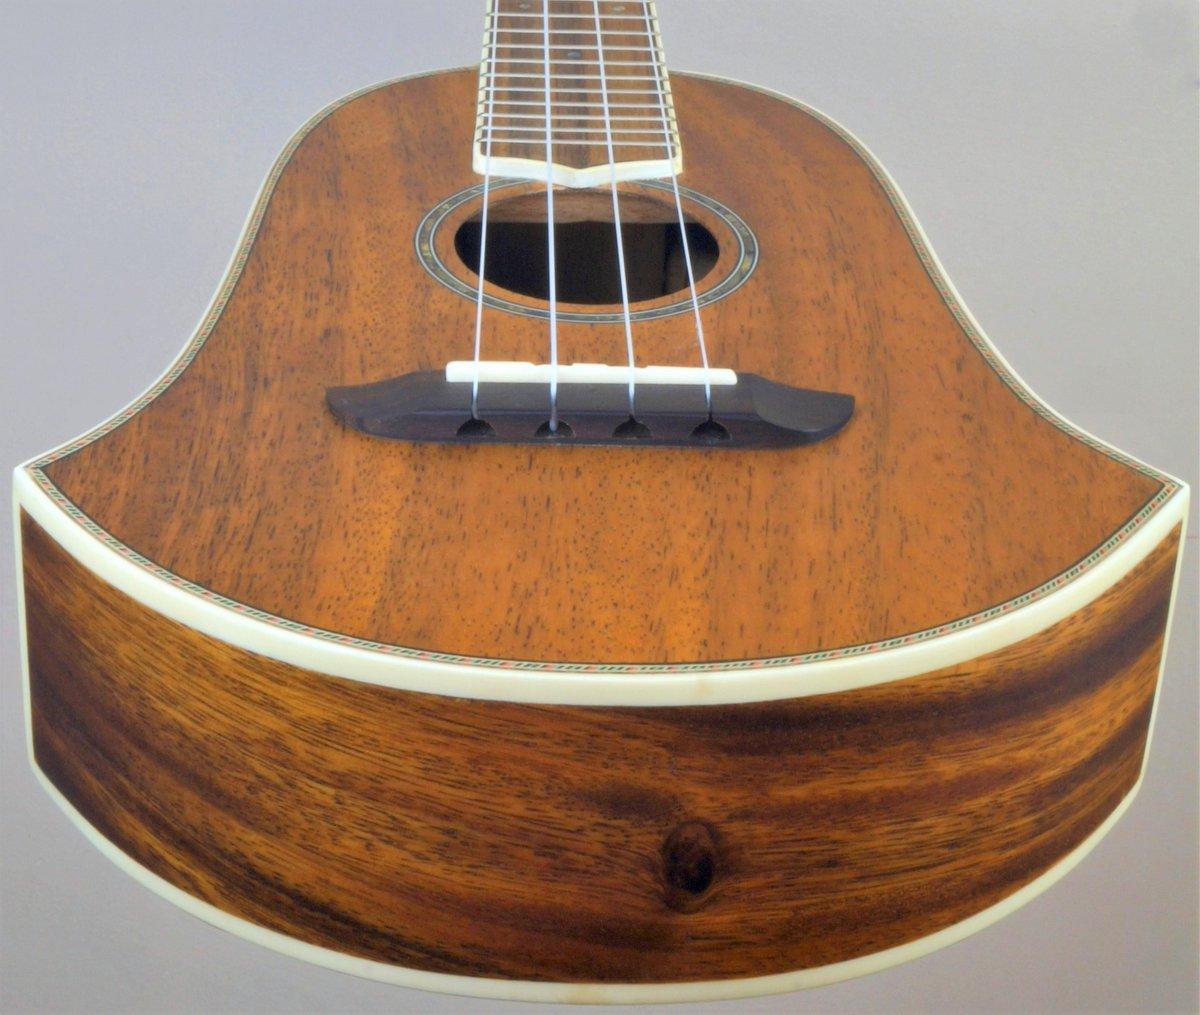 bell ukulele